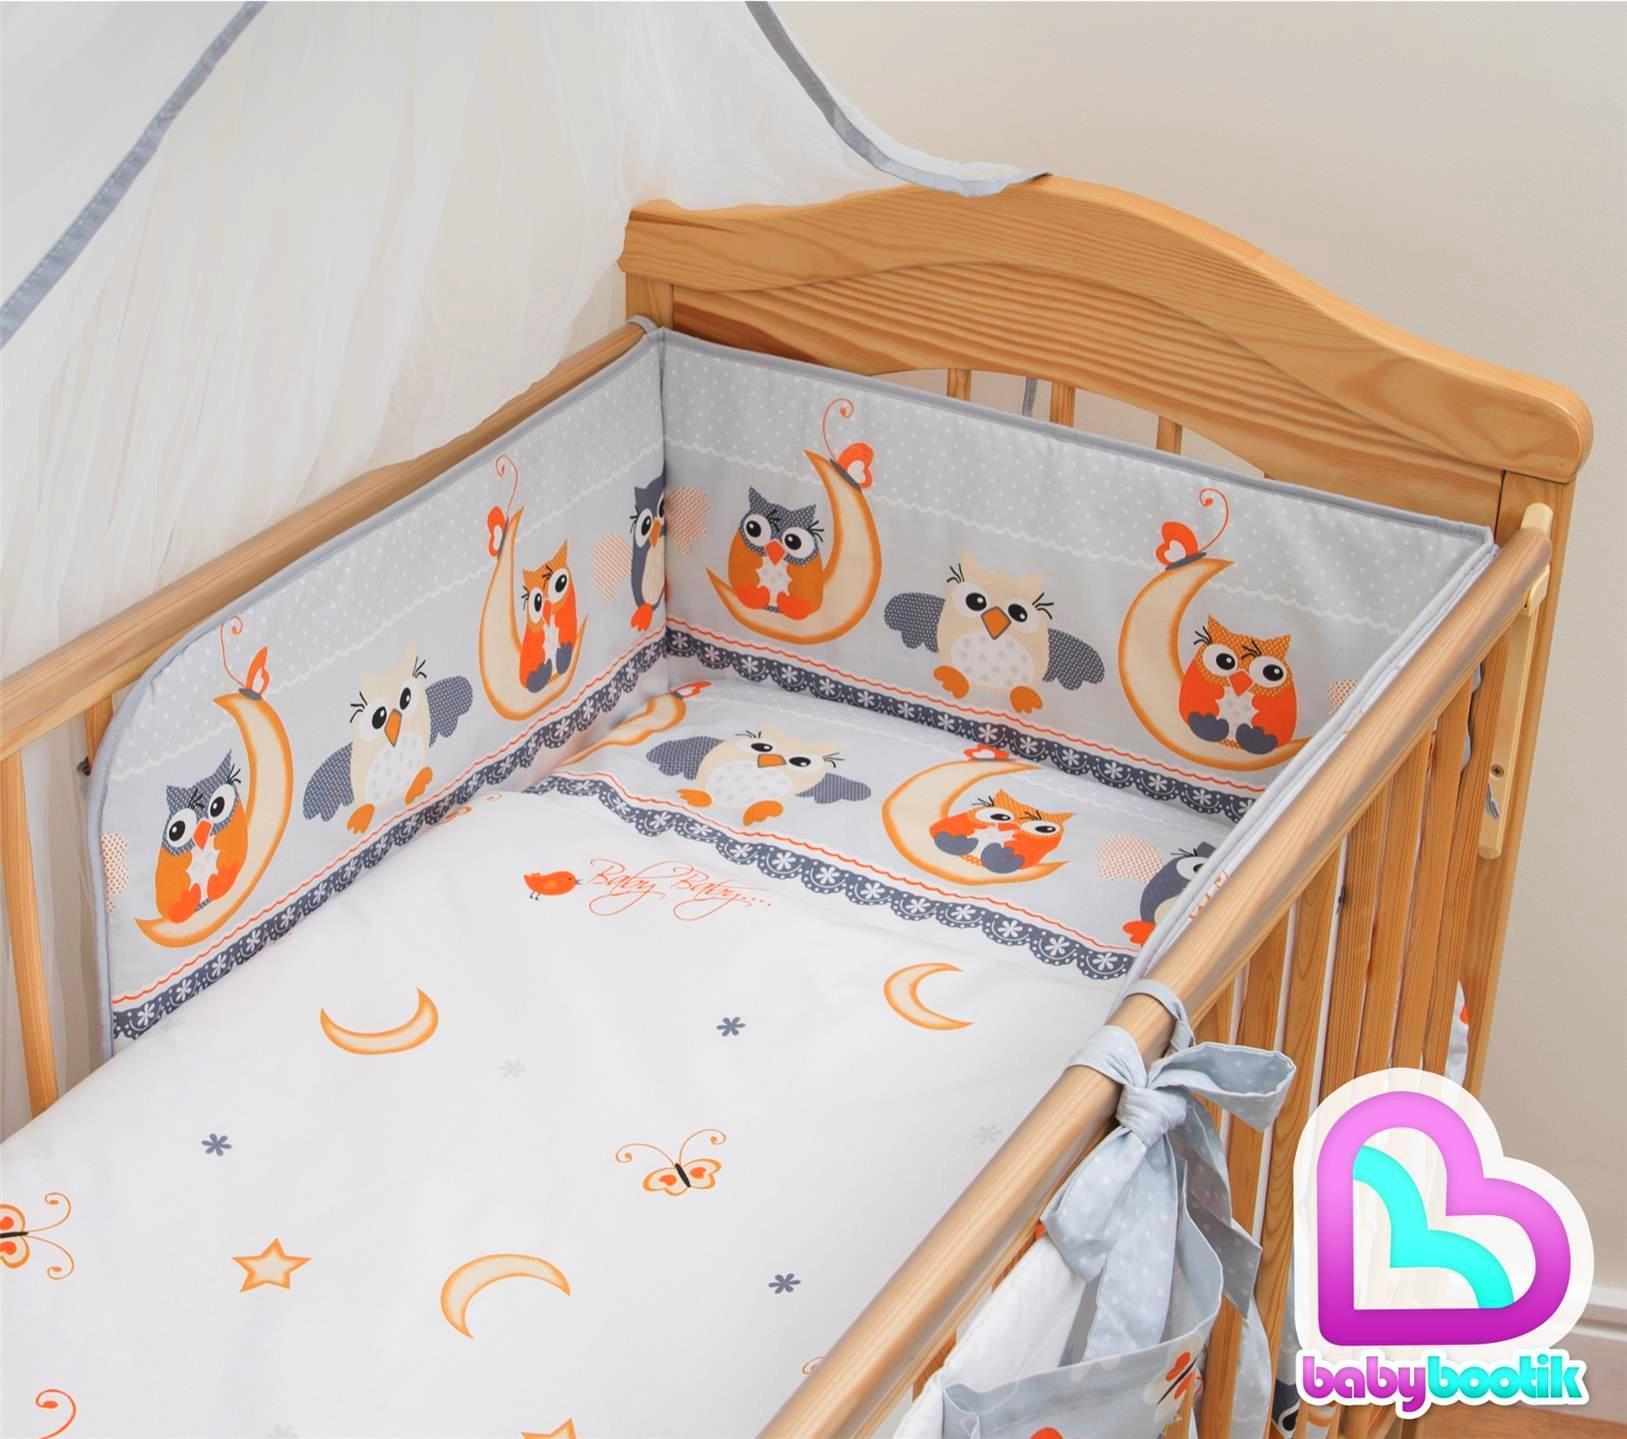 5 piece baby kinderzimmer kinderbett bettw sche set bettbezug nestchen kissen - Baby kinderzimmer set ...